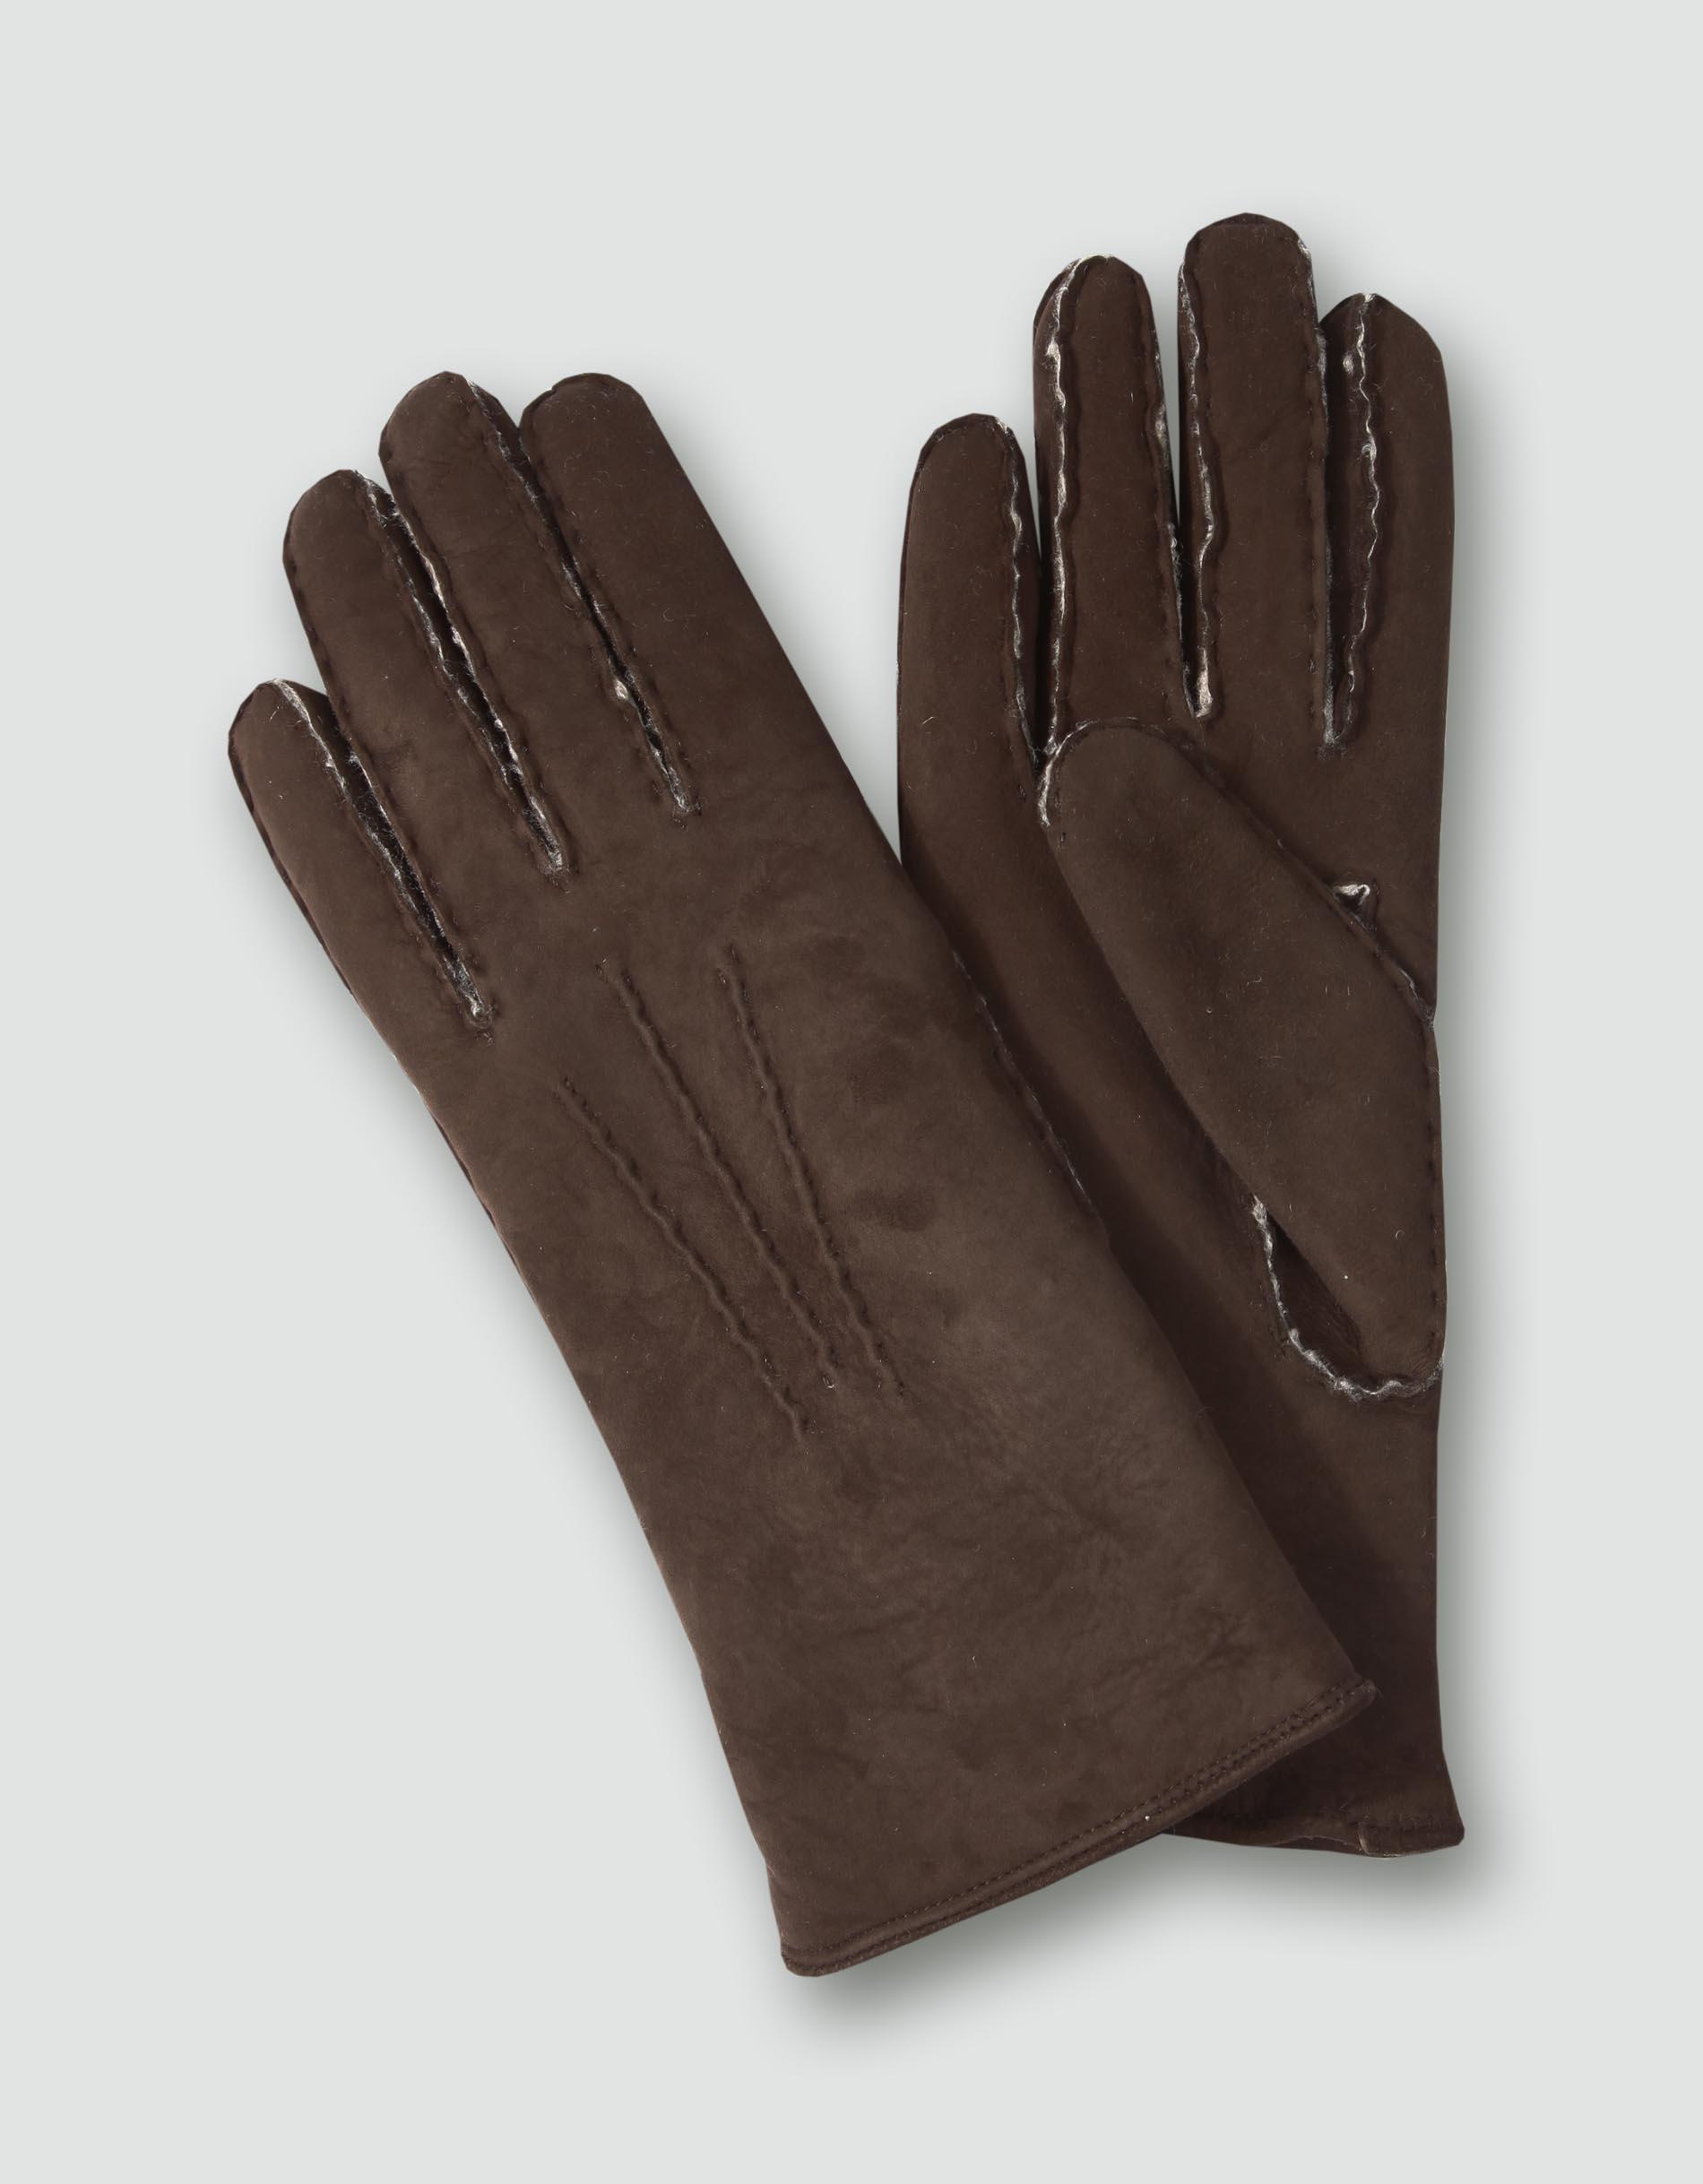 roeckl damen handschuhe lammfell braun empfohlen von. Black Bedroom Furniture Sets. Home Design Ideas